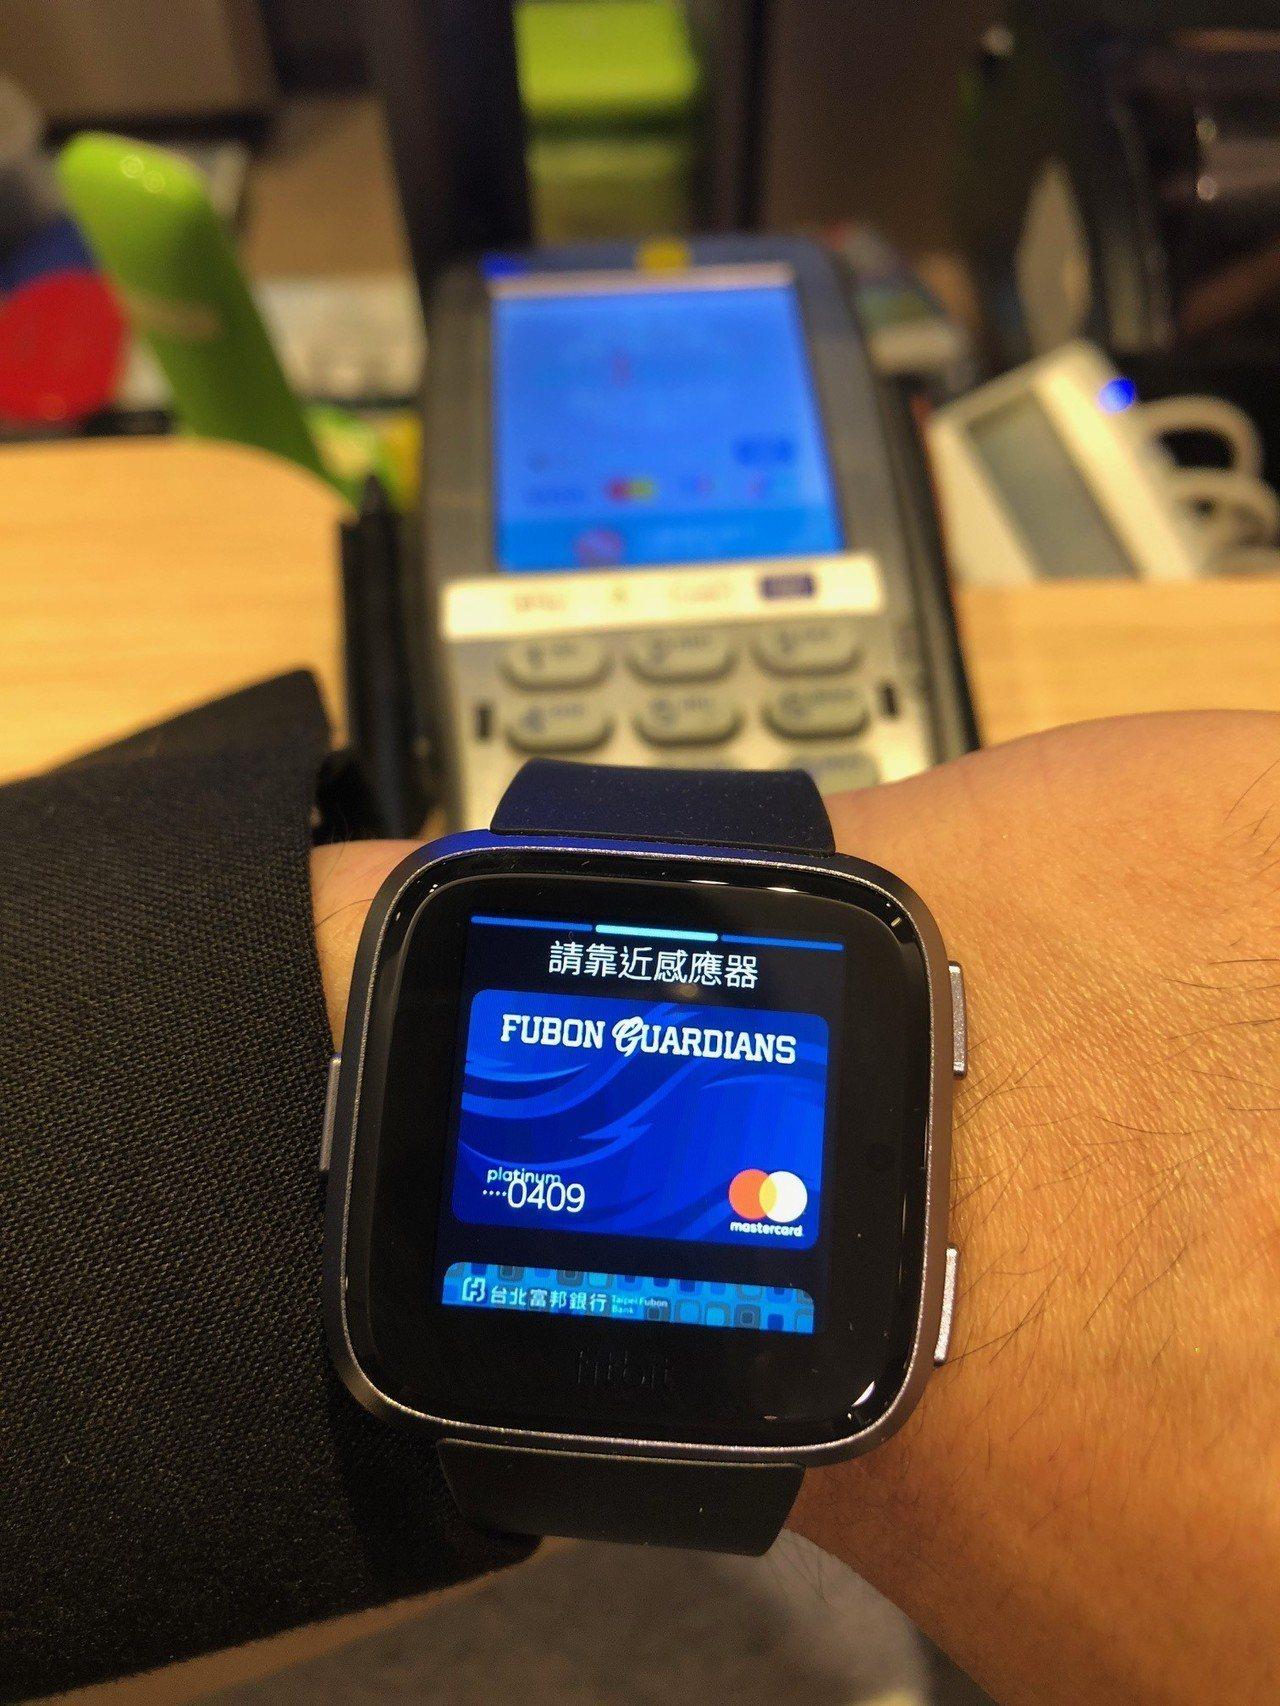 北富銀開辦穿戴式裝置金融卡功能 戴智慧手錶可「嗶」購物。圖/北富銀提供